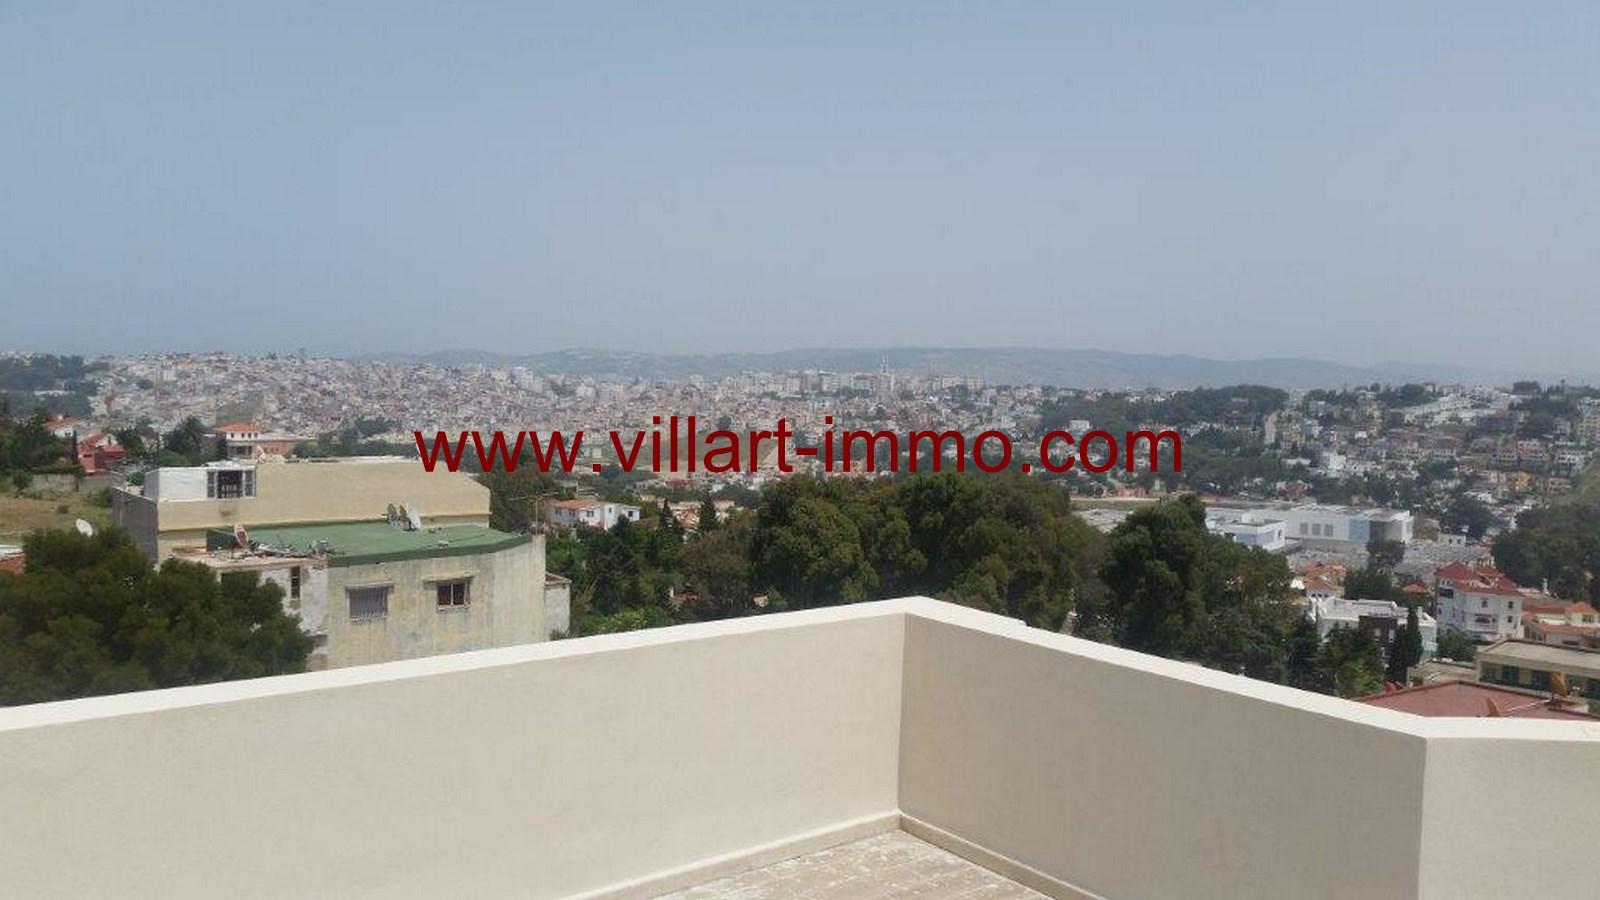 5-a-vendre-tanger-villa-la-montagne-vue-sur-ville-vv421-villart-immo-agence-immobiliere